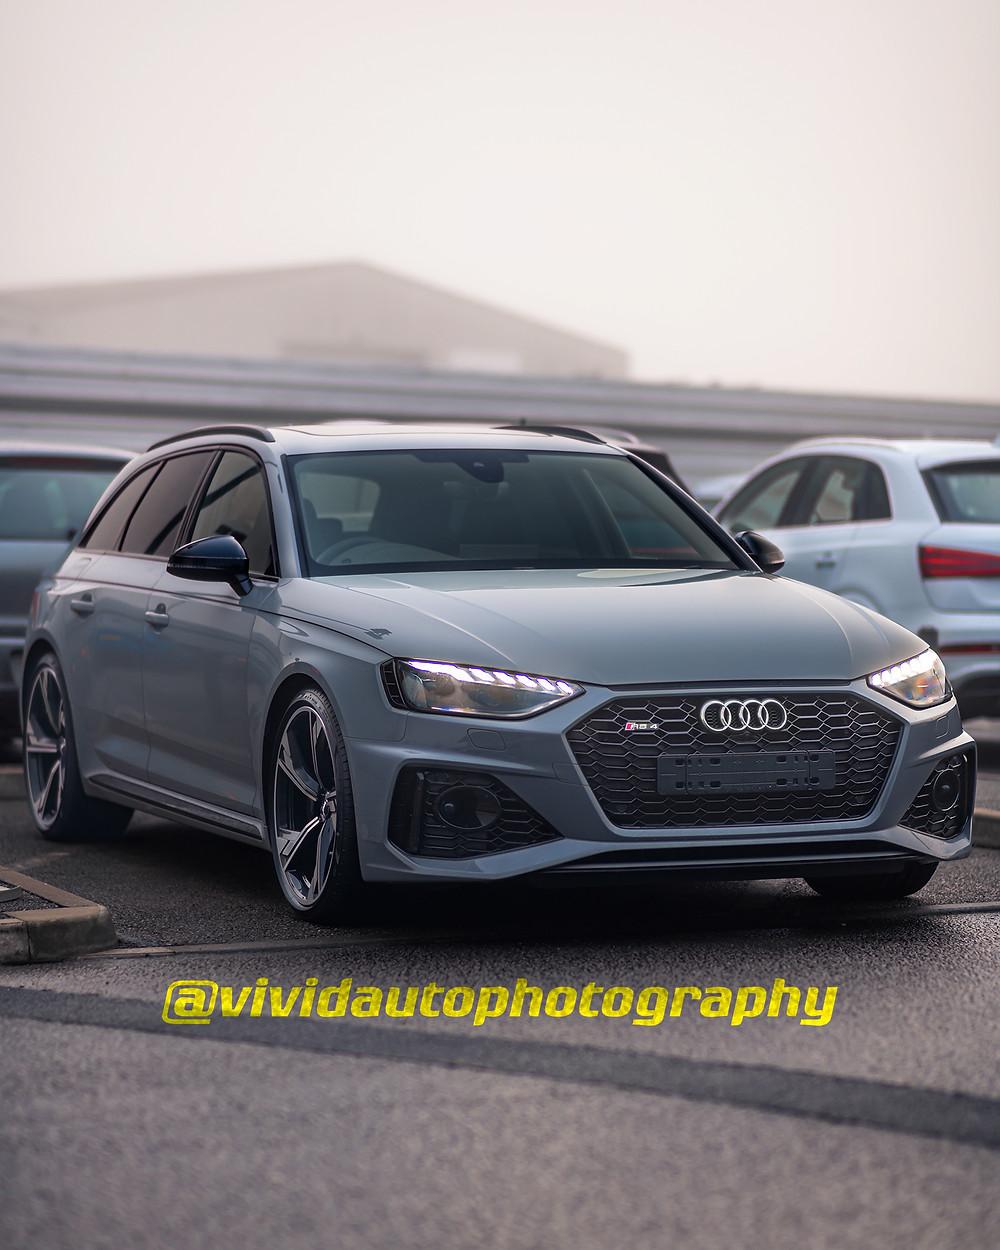 Audi RS4 Avant front three quarters | Automotive caption Instagram